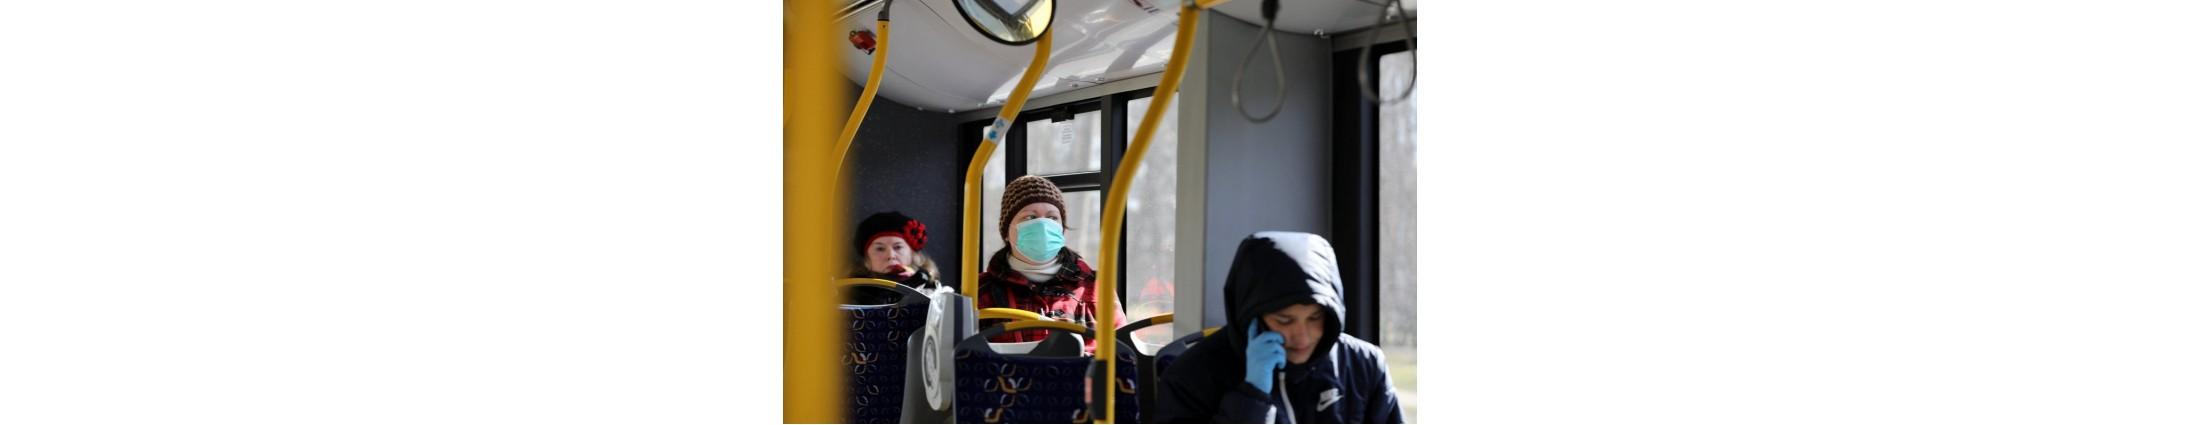 Obligāta aizsargmaska sabiedriskajā transportā. Kā to pareizi lietot?